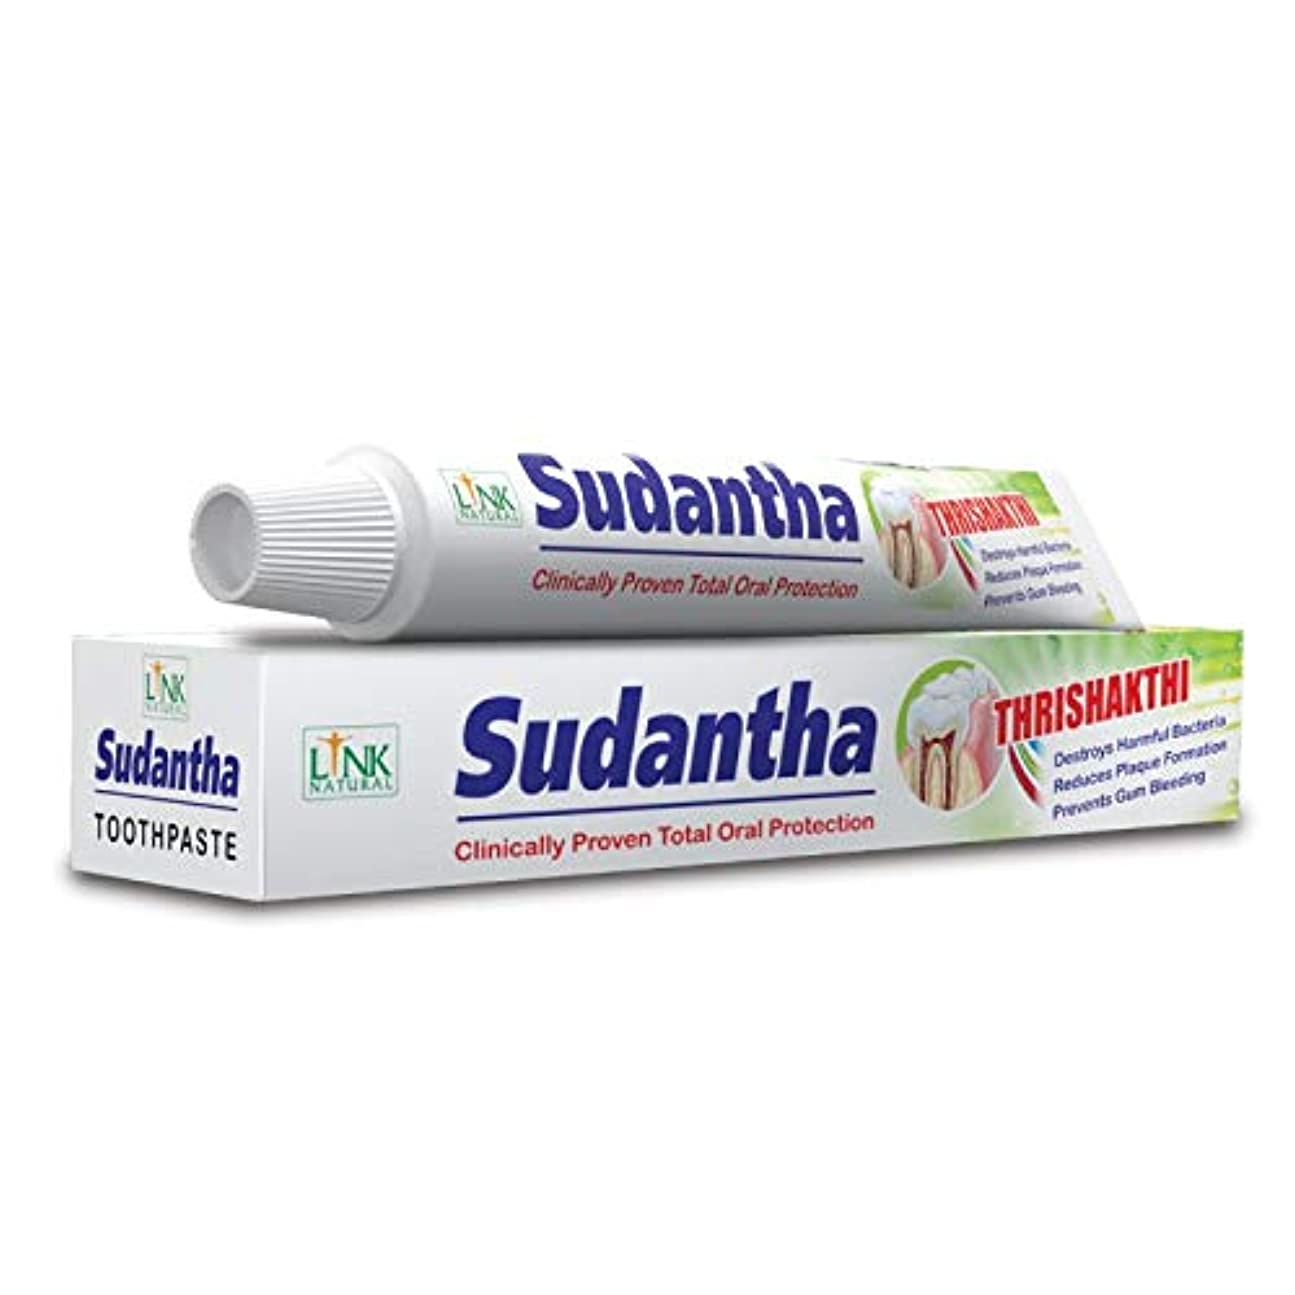 ボリュームフォーラムひまわり2 x 80 g リンクSudanthaホメオパシーHerbal Toothpaste for合計Oral保護